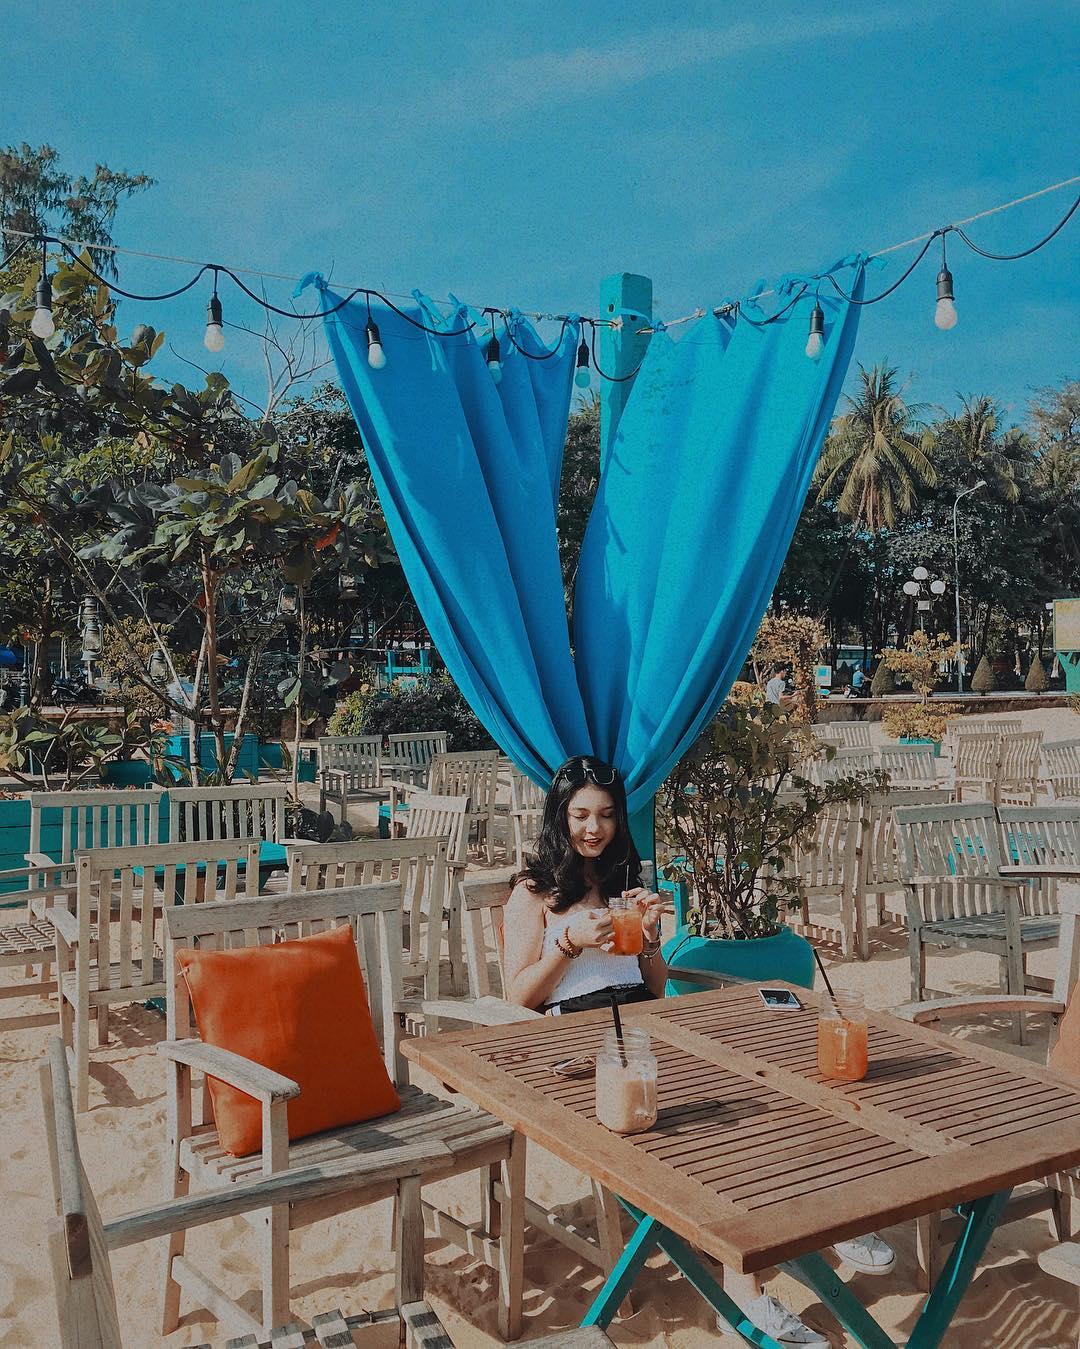 Đẹp ngỡ ngàng 5 quán cafe view biển ở Quy Nhơn - ChuduInfo